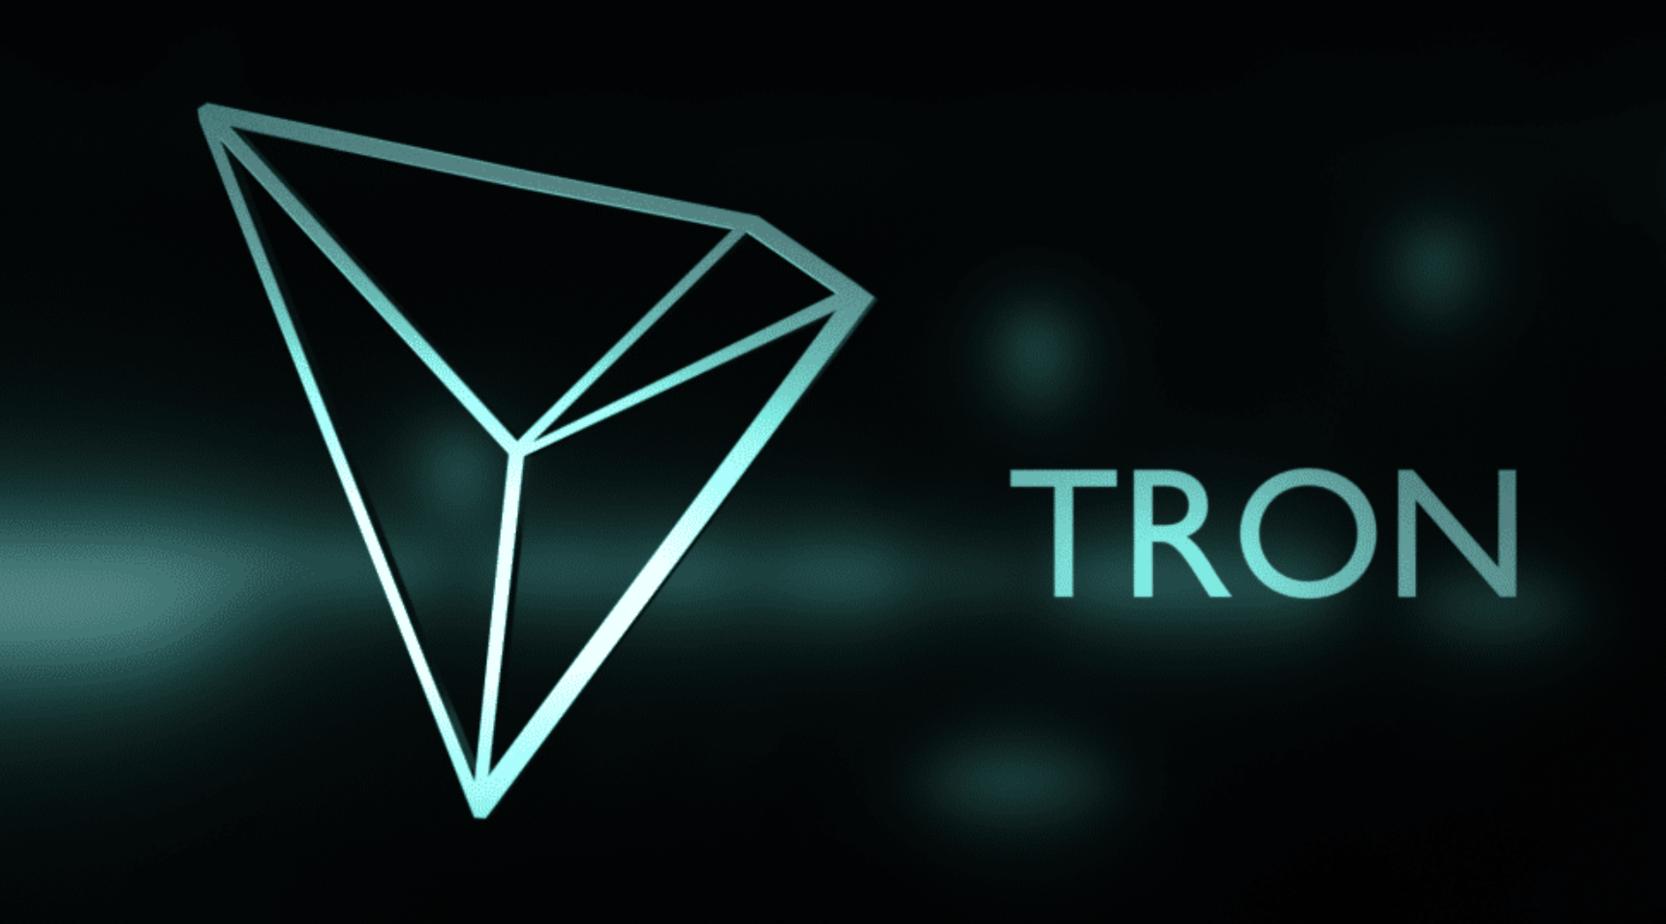 Comprare Tron: come acquistare la criptovaluta TRX